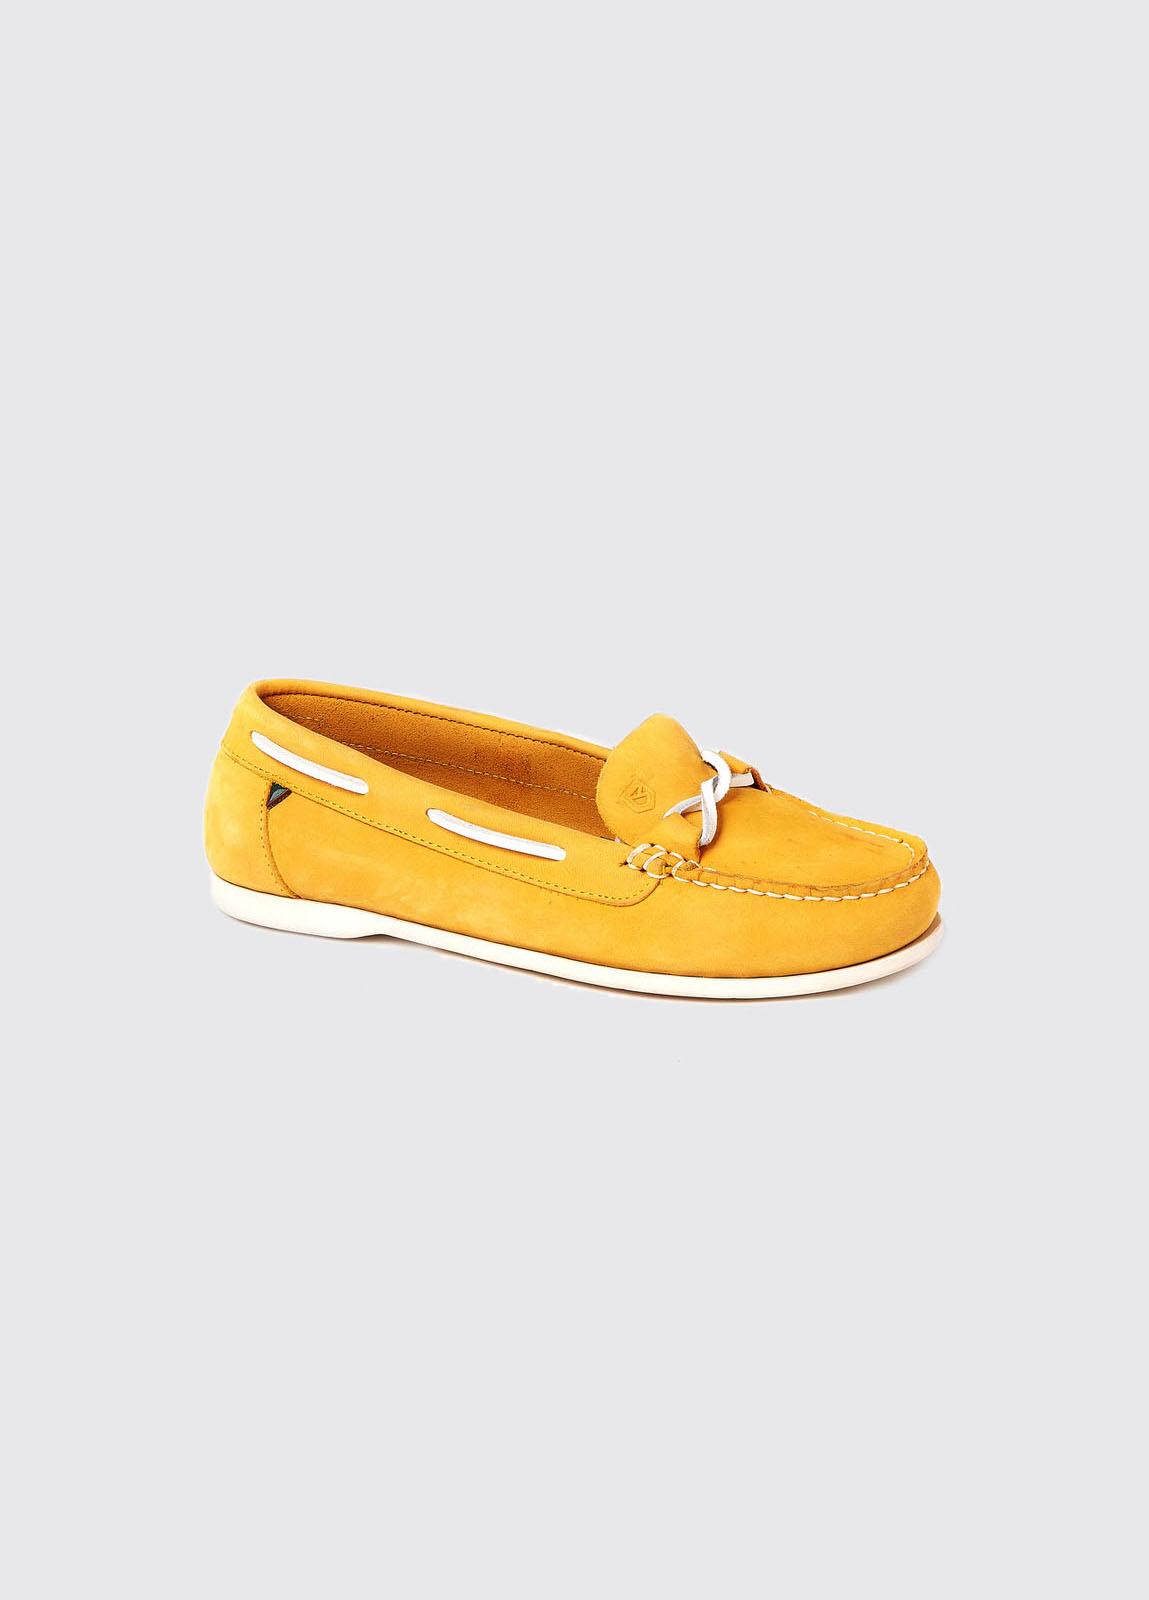 Rhodes Deck Shoe - Sunflower